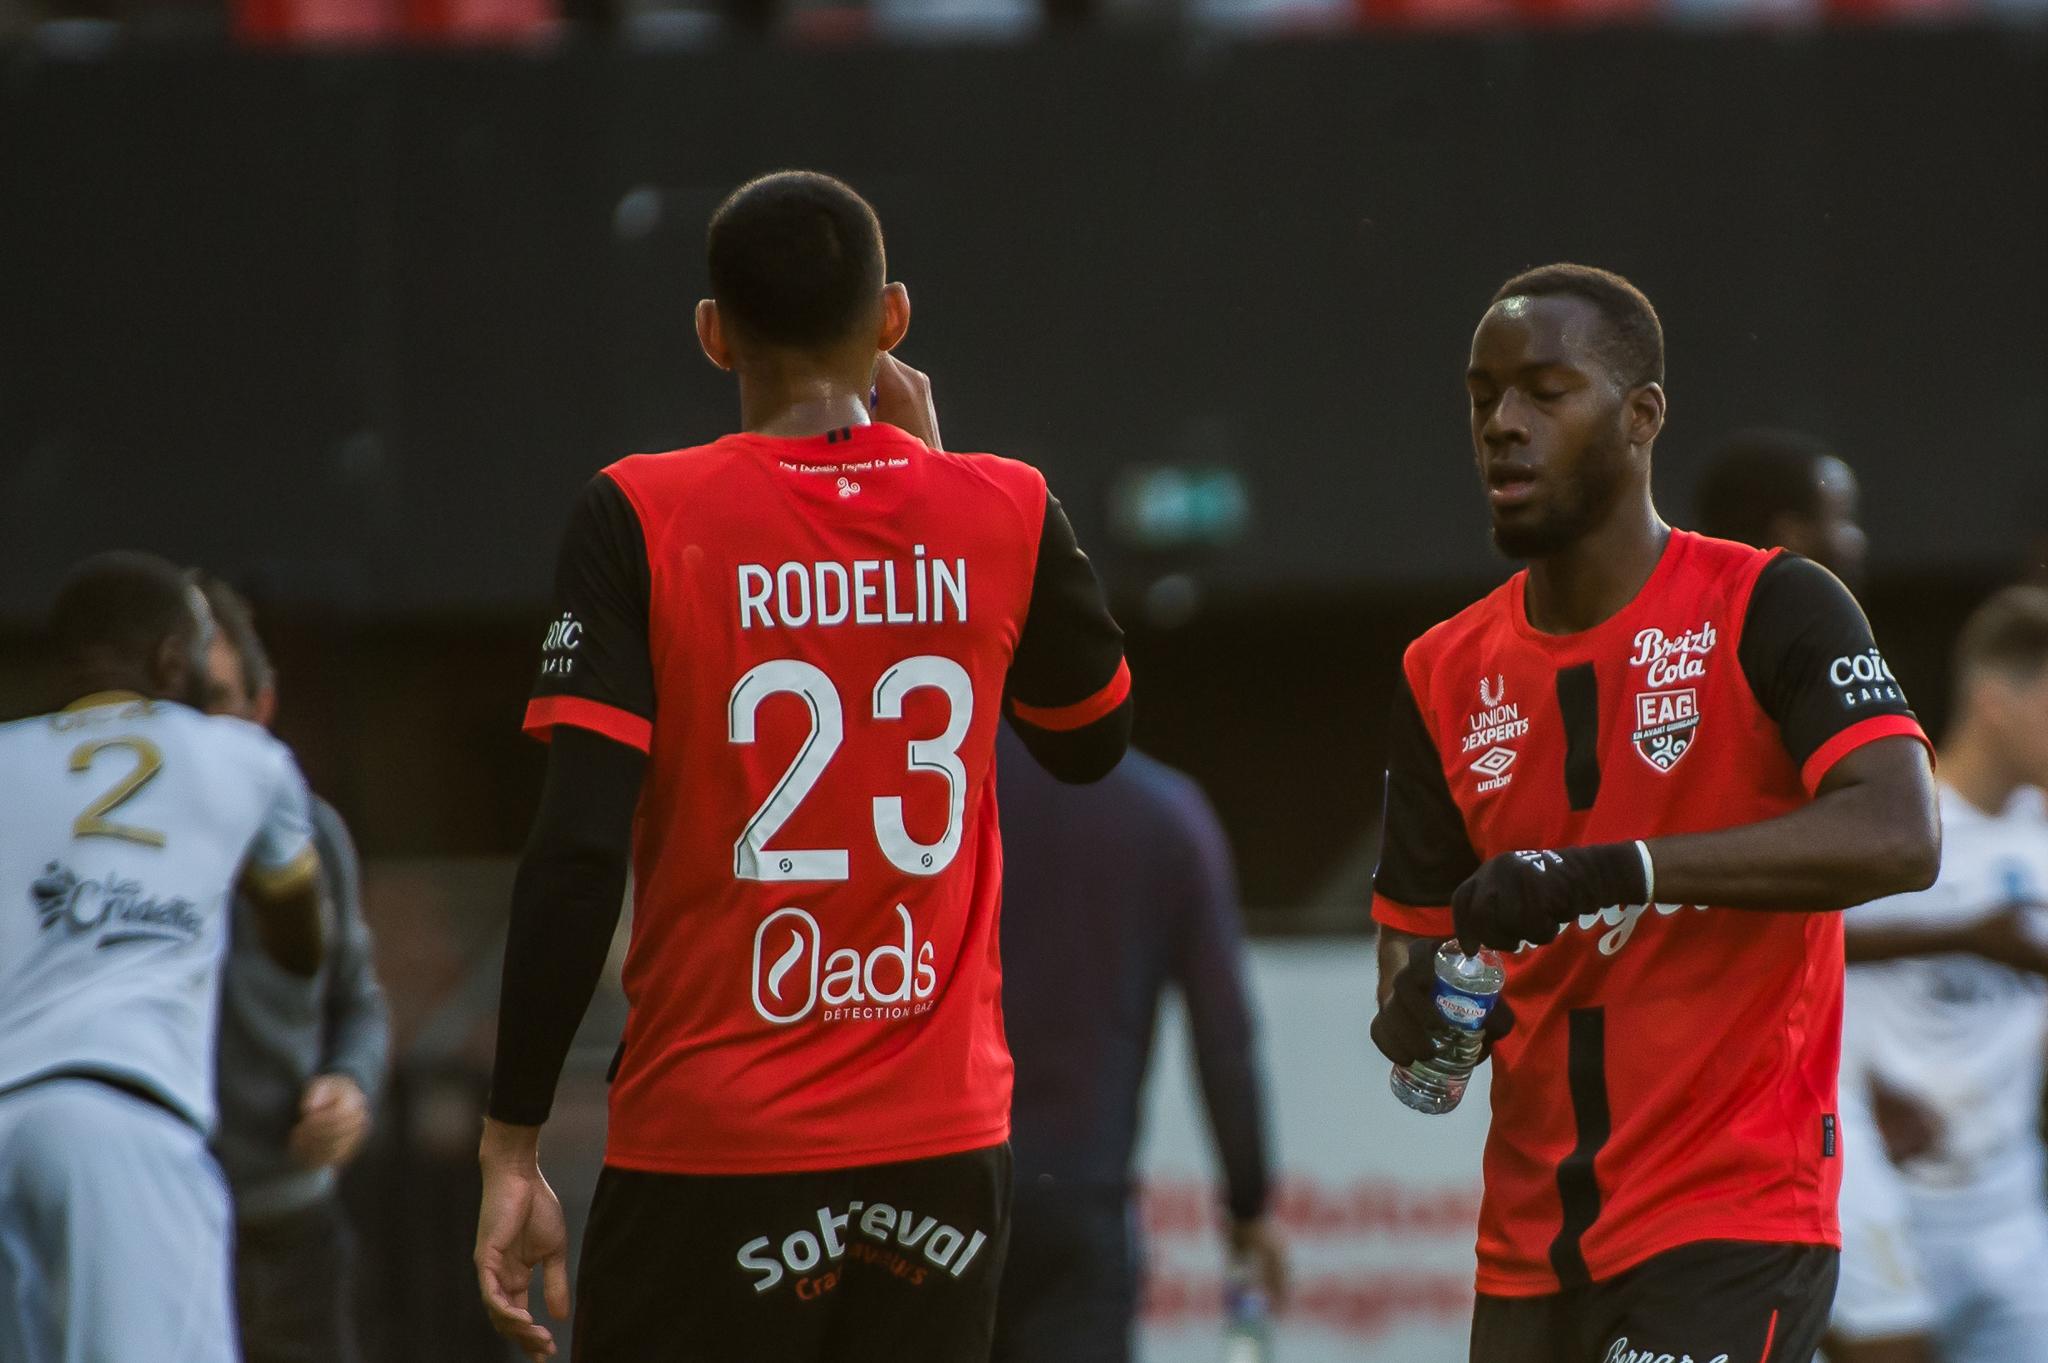 EA Guingamp La Berrichonne Châteauroux J37 Ligue 2 BKT EAGLBC 2-0 Stade de Roudourou FRA_5493